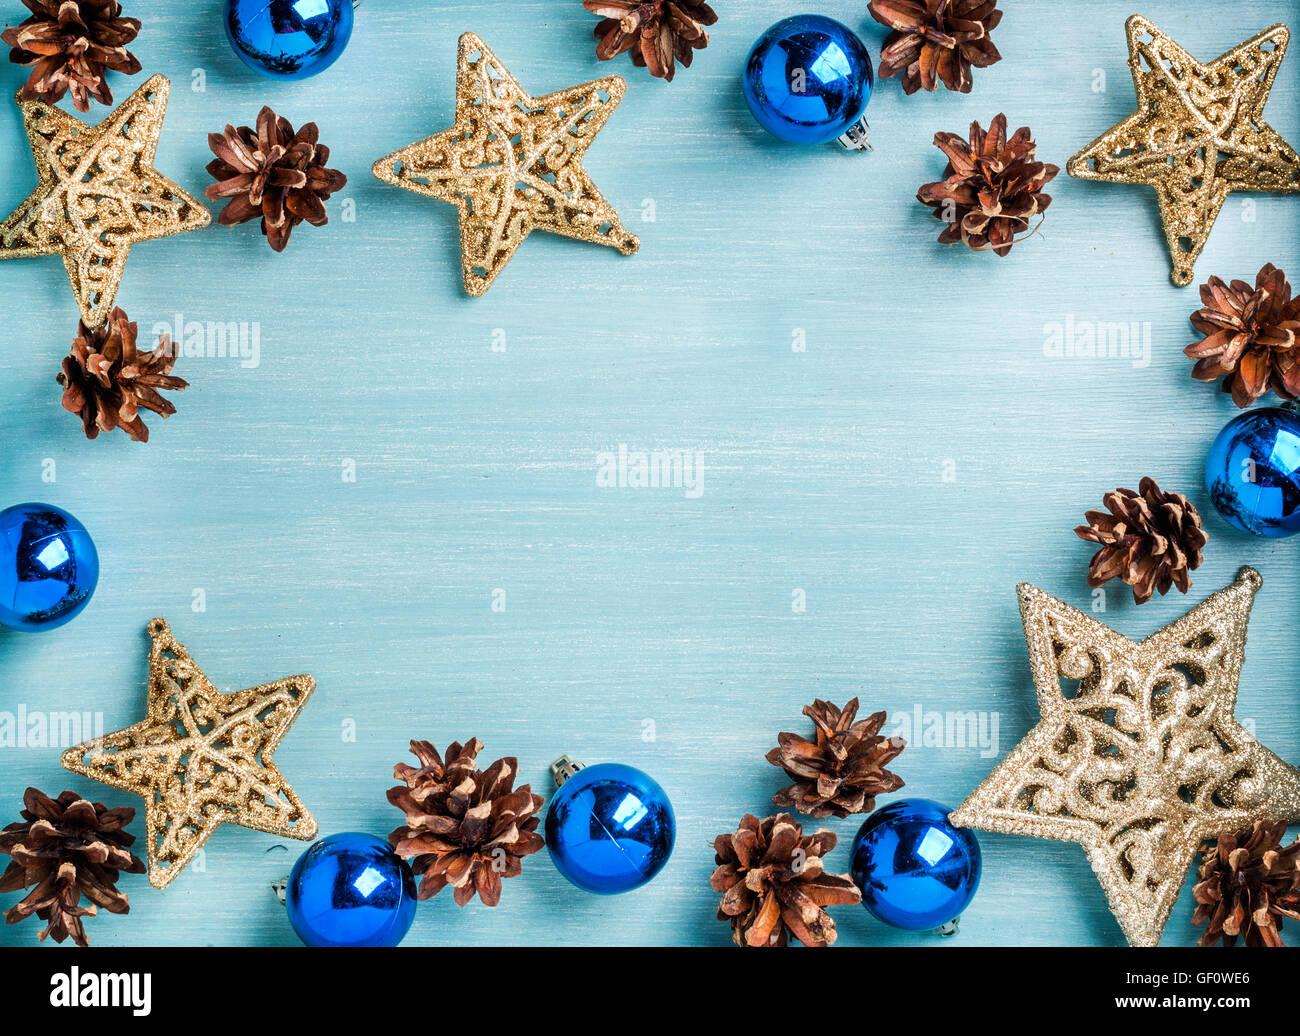 Nouvelle Année ou fond de Noël: étoiles d'or, boules et cônes de verre bleu turquoise Photo Stock